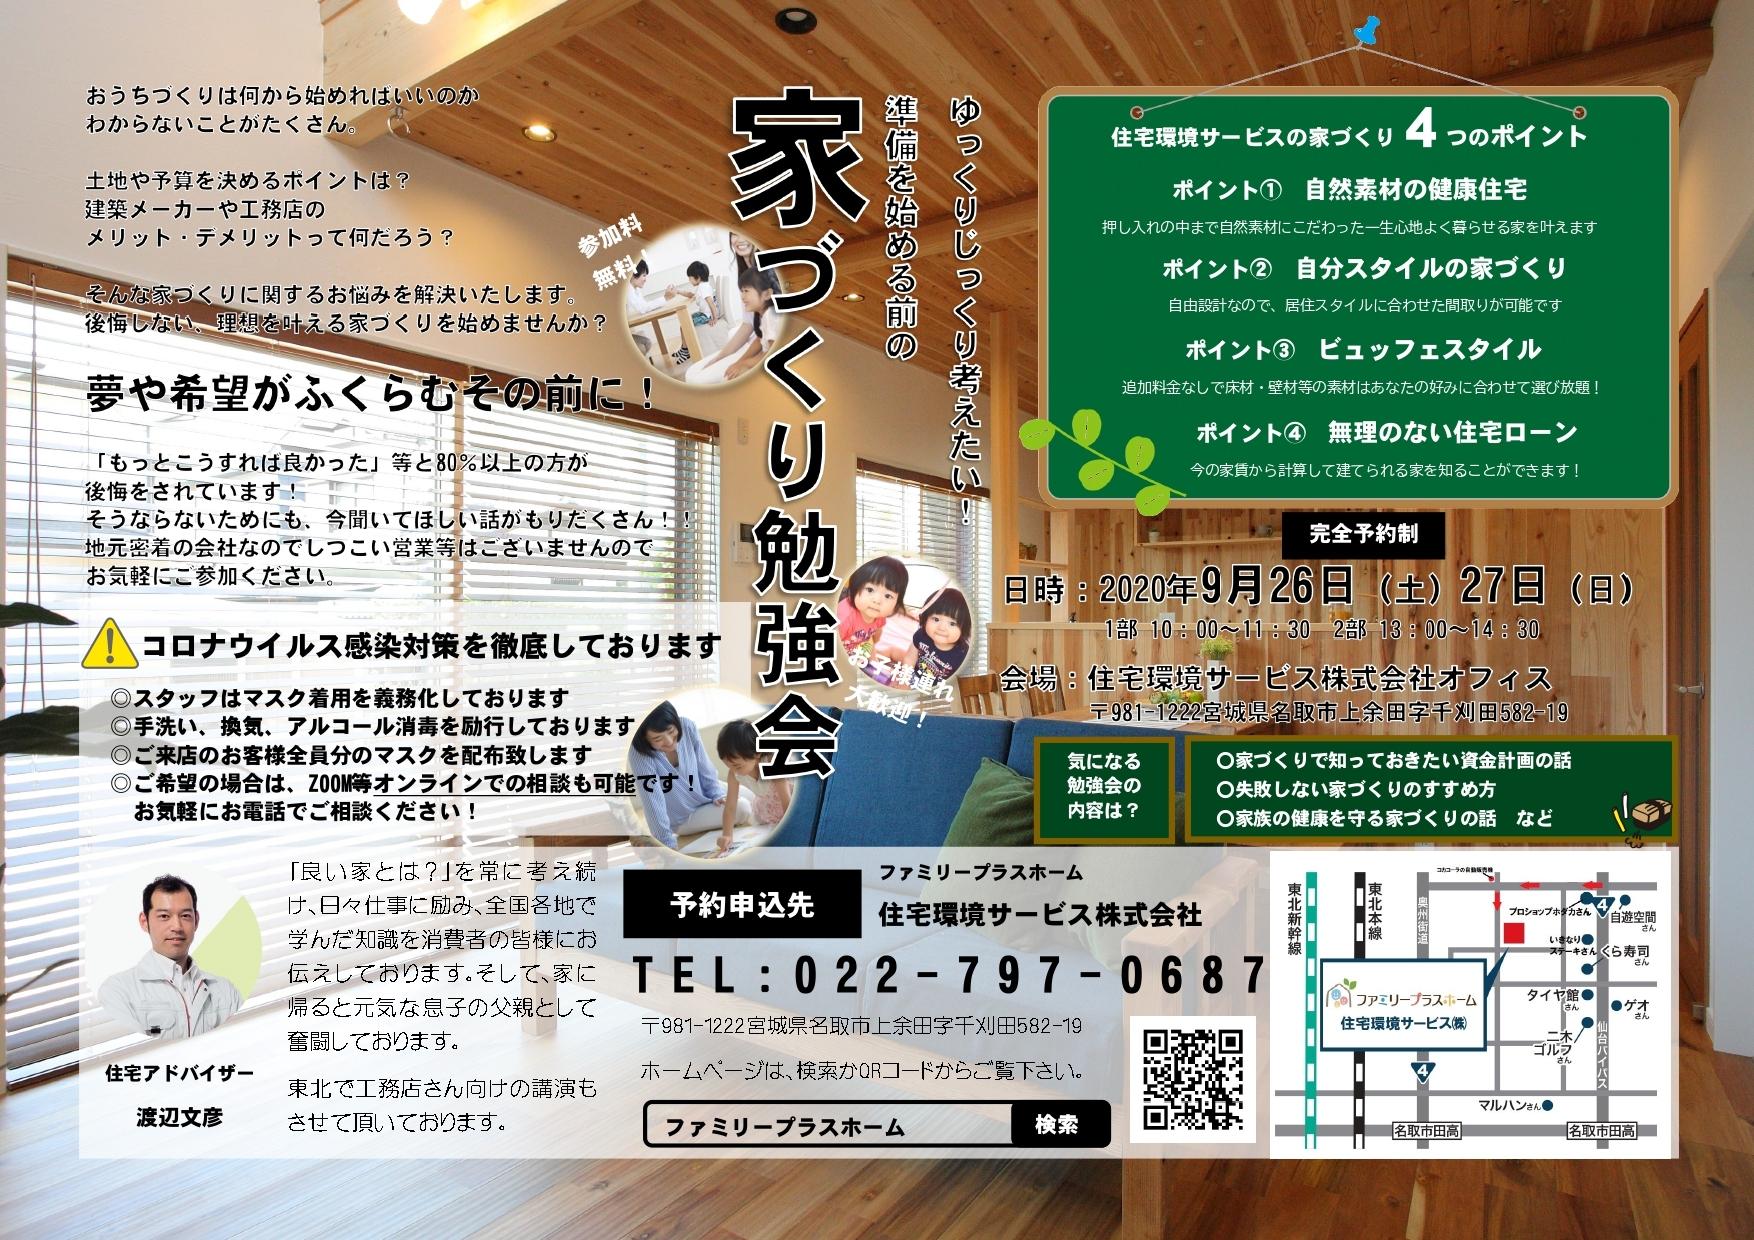 2020.9.26家づくり勉強会(ファミリープラスホーム)_page-0001 (1).jpg